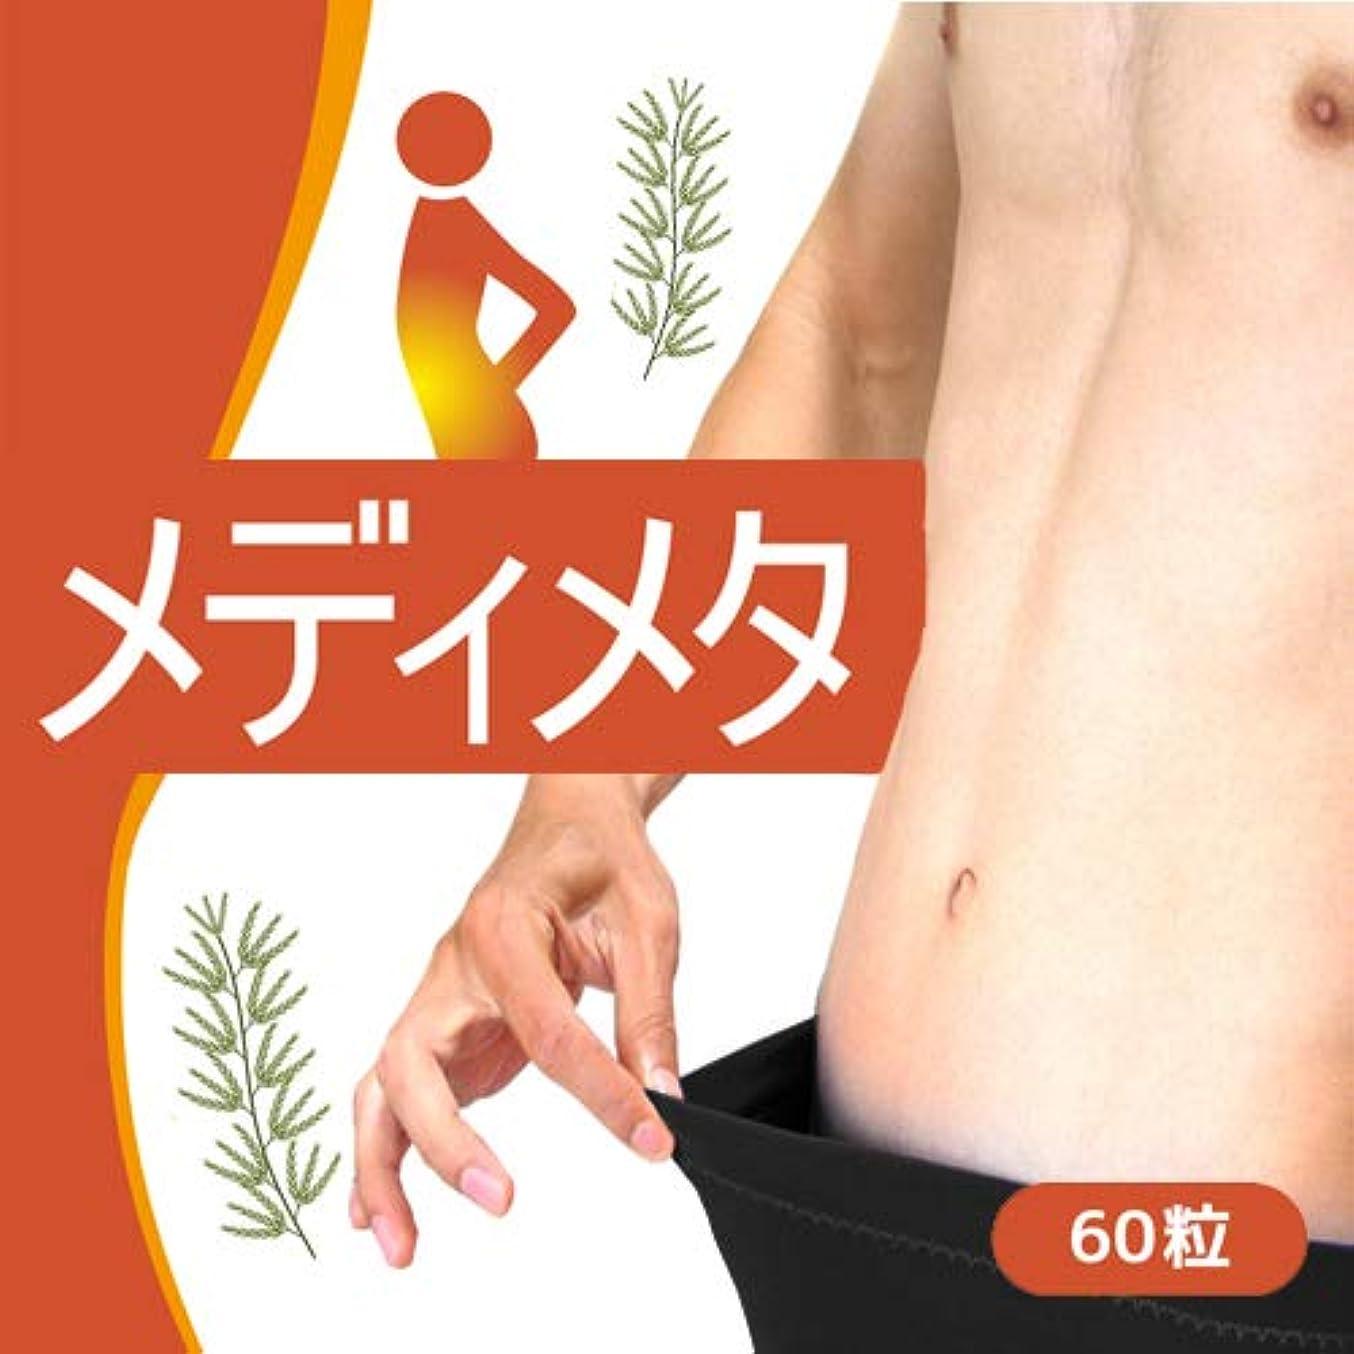 受粉者横たわる刺繍【※正規品※大特価でご提供!!】メディメタ (5)